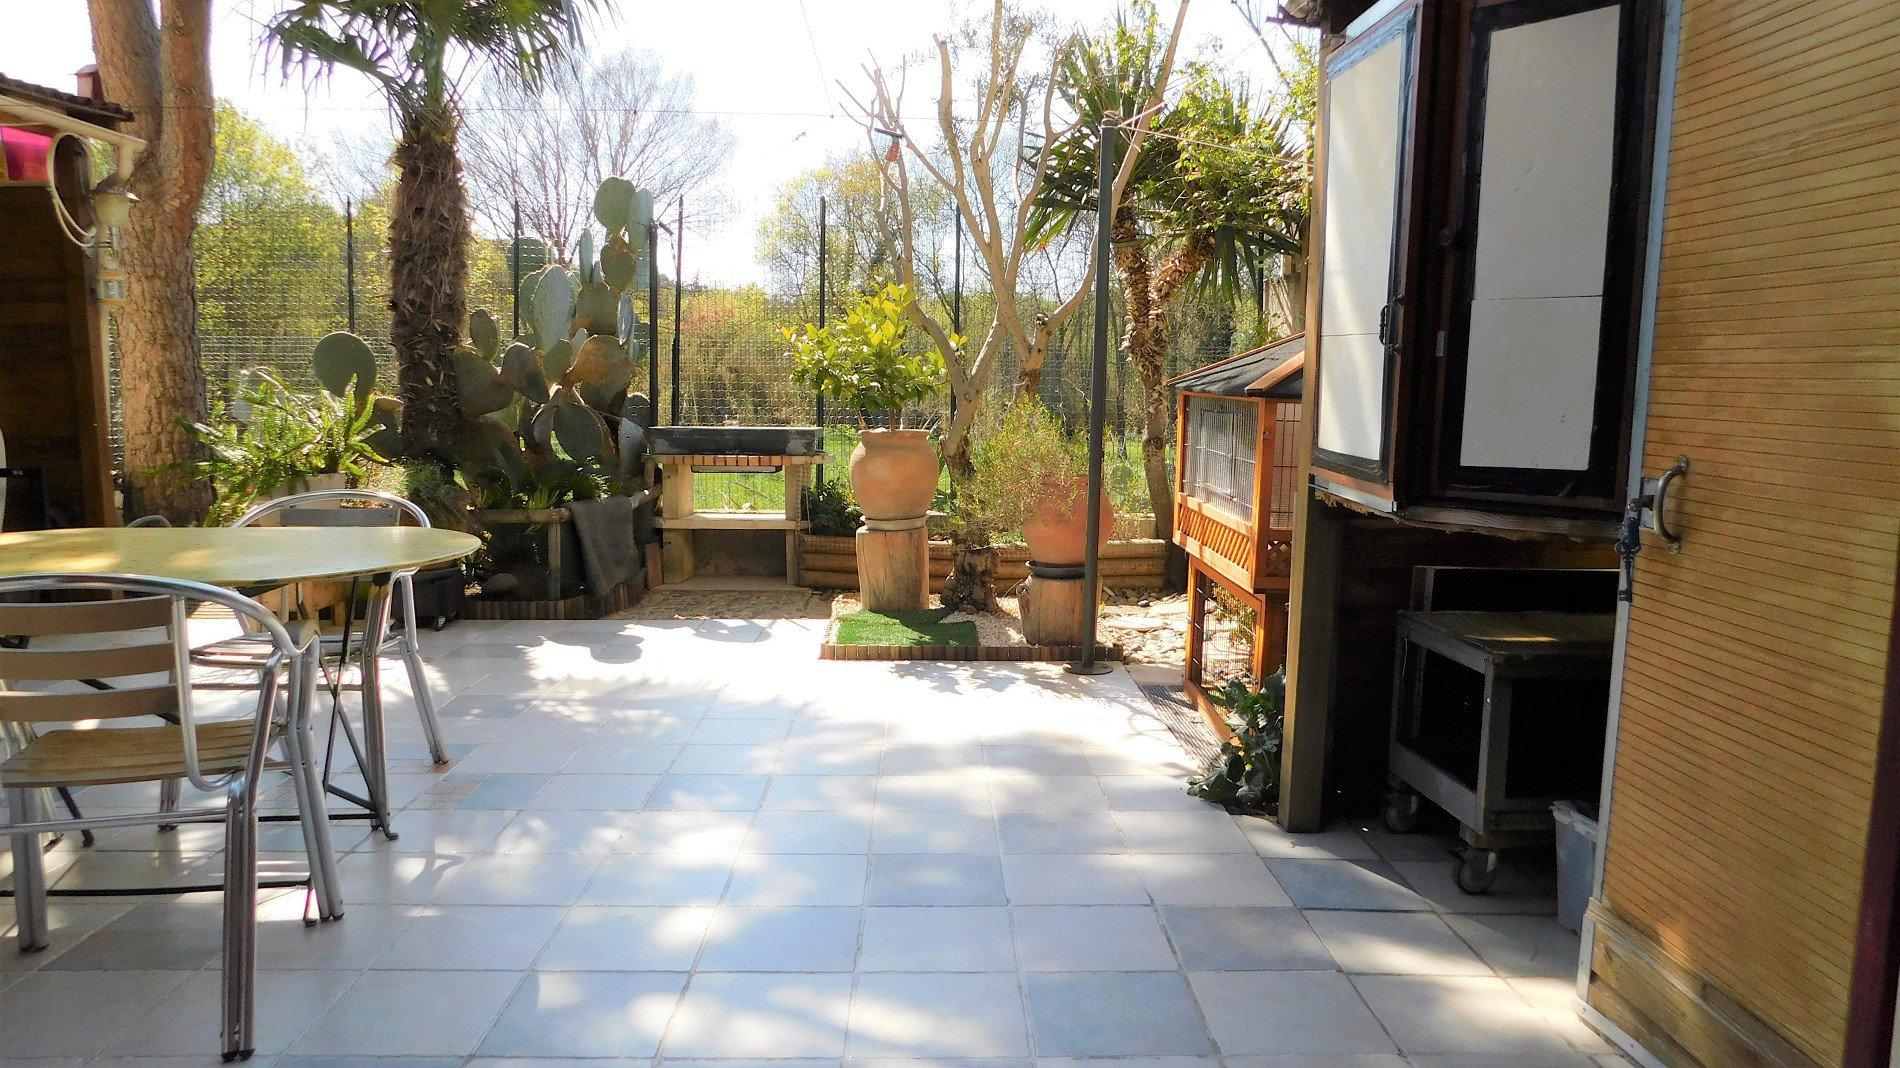 Charmig radhus med trädgård